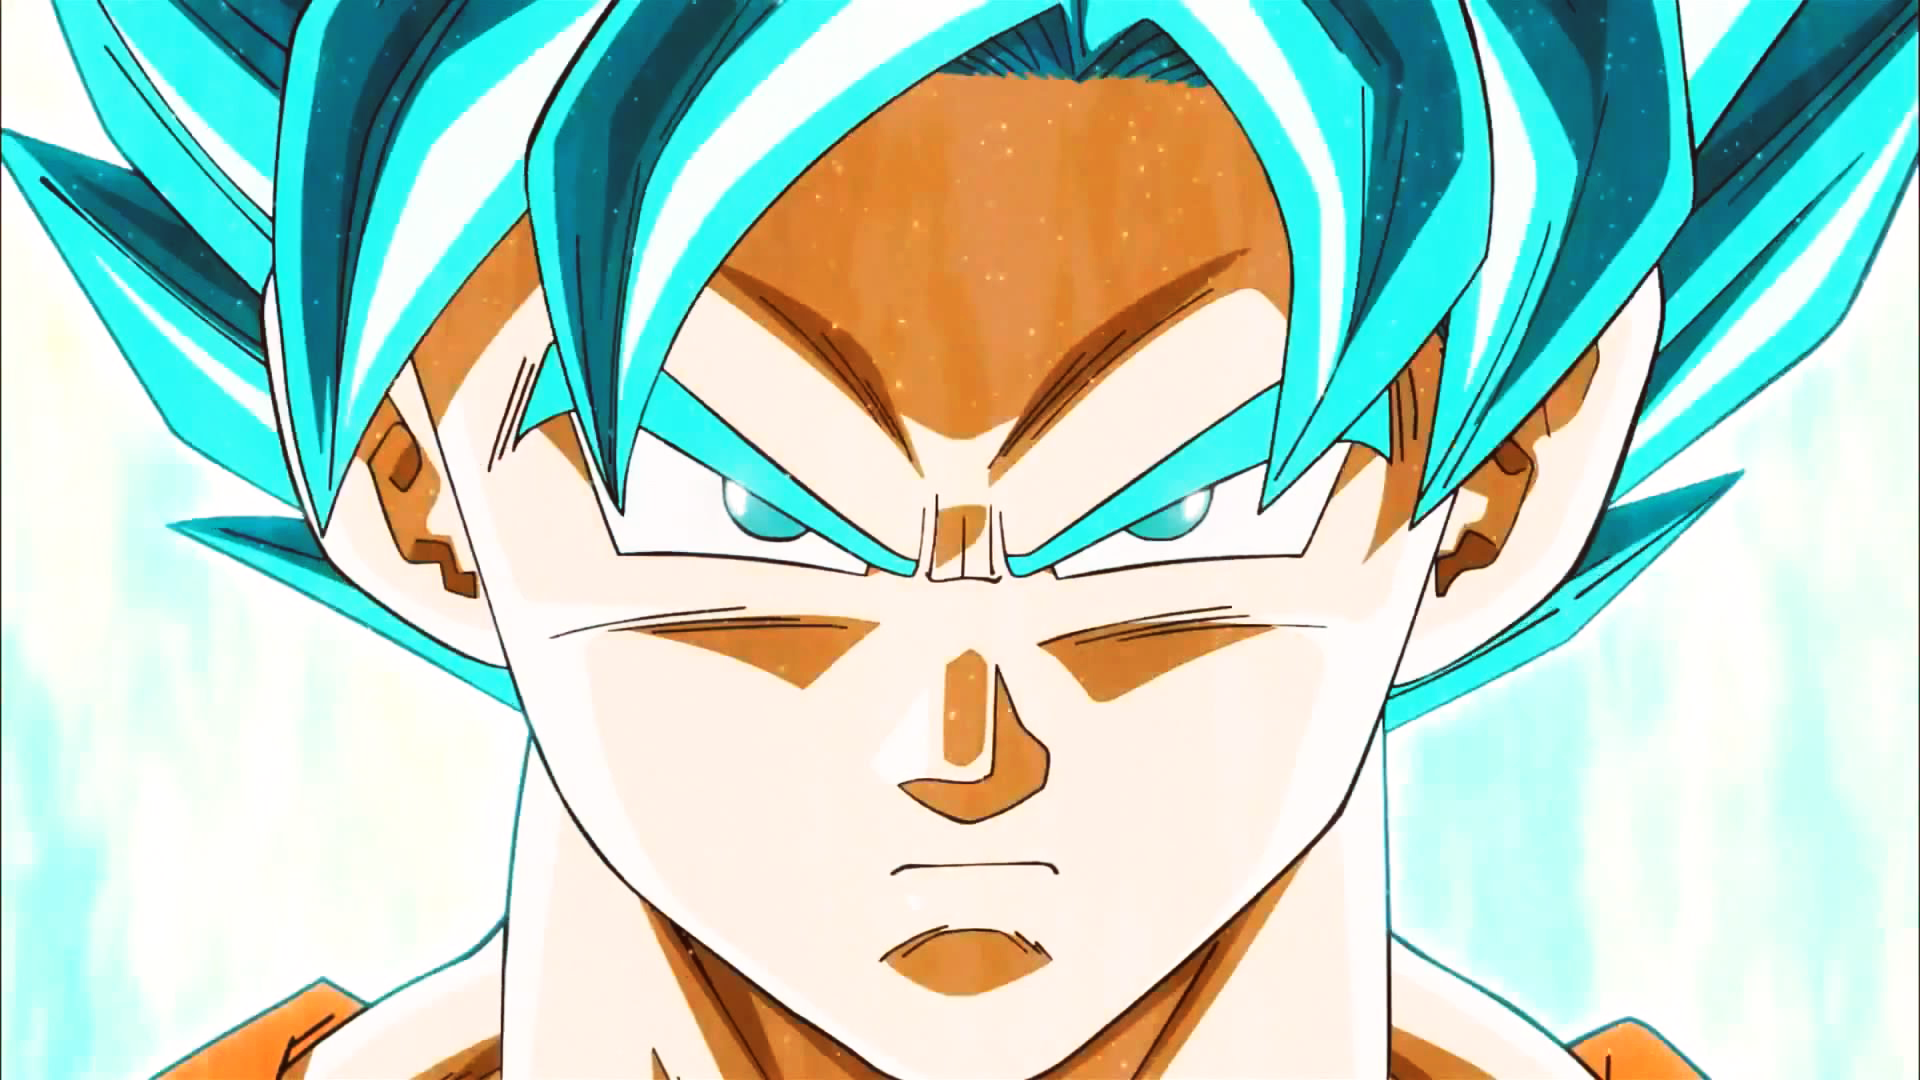 Anime 1920x1080 Dragon Ball Super Son Goku Super Saiyan Blue Dragon Ball Painting Dragon Ball Artwork Dragon Ball Super